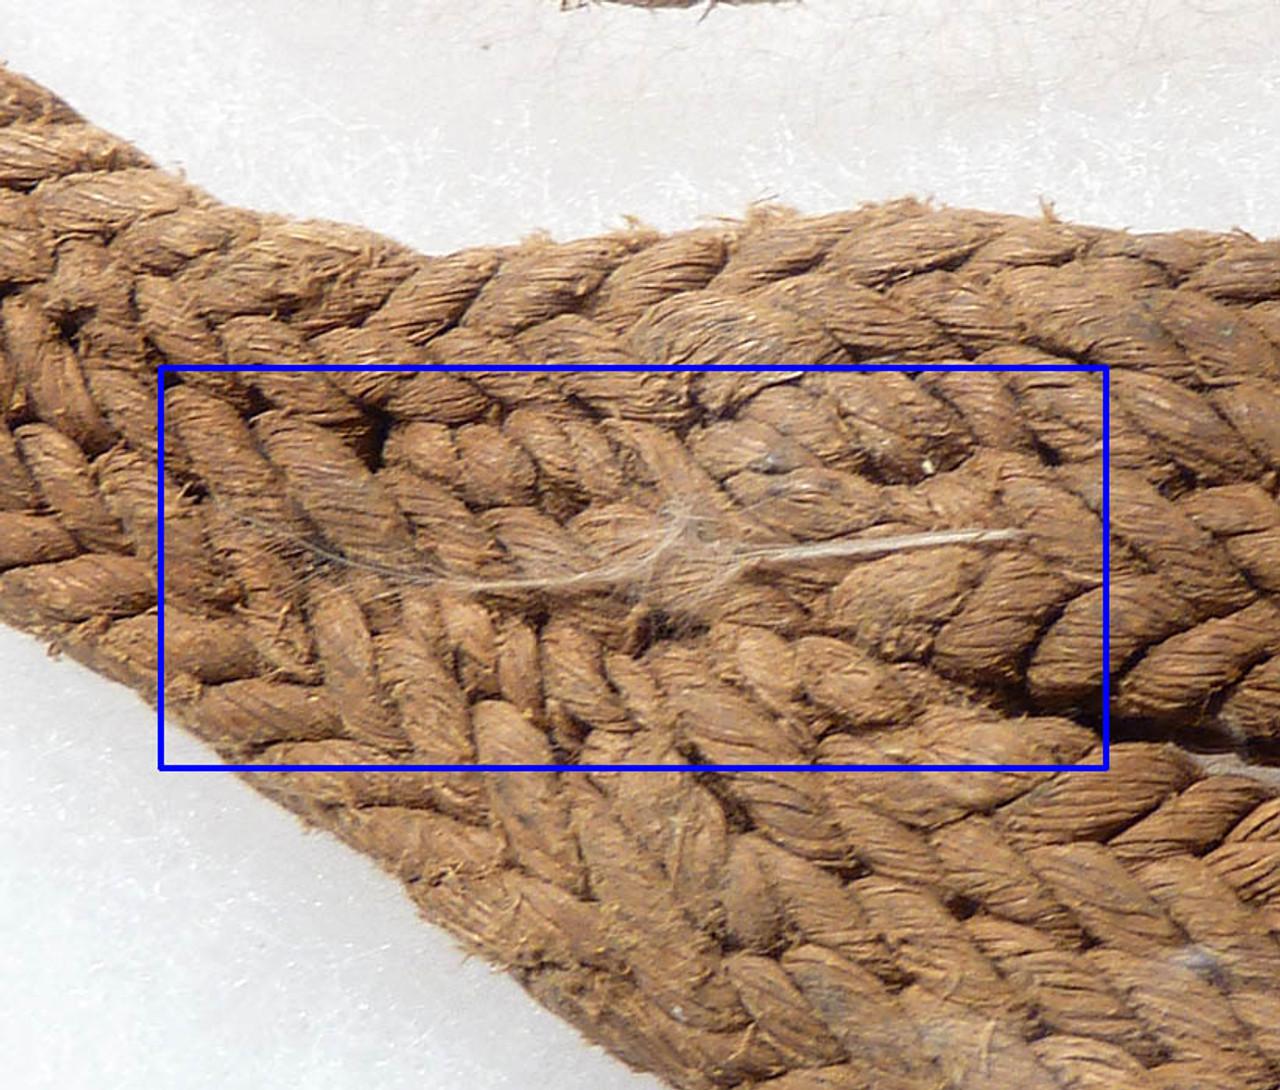 EX-MUSEUM PRE-COLUMBIAN ANCIENT TEXTILE SLING TUMPLINE *PC027